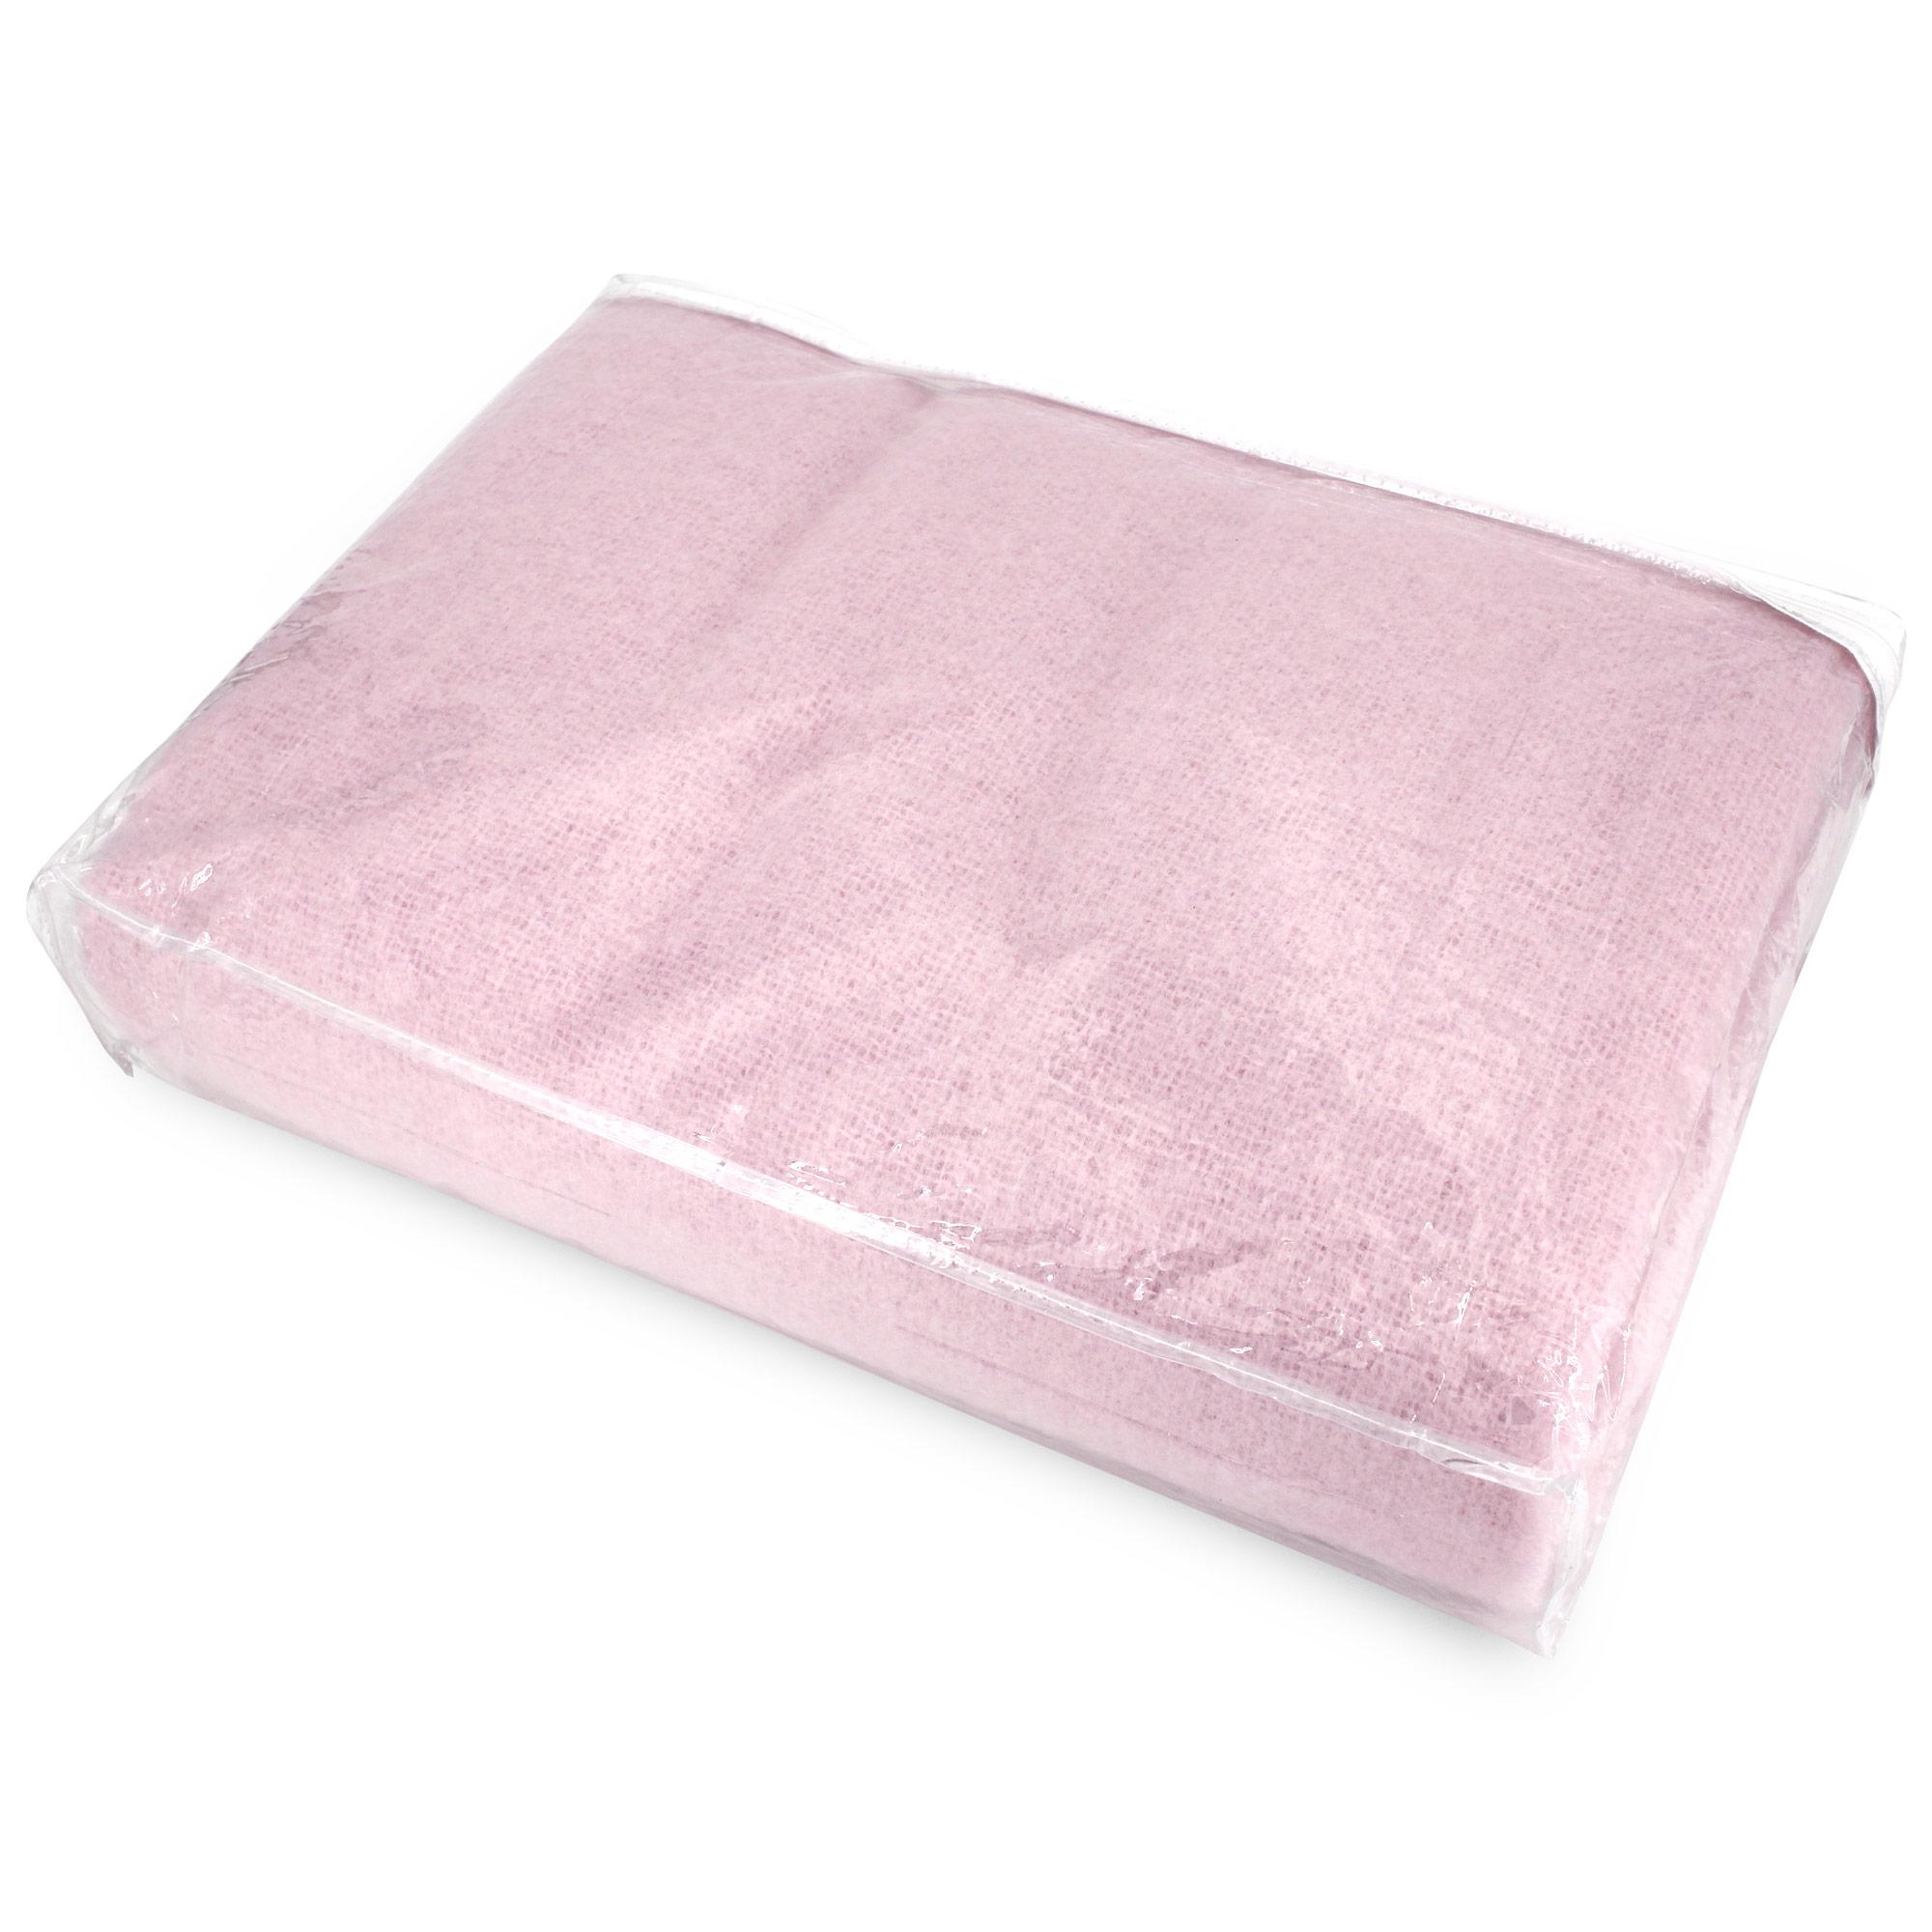 couverture laine mohair 180x220 cm thesee rose poudre linnea linge de maison et. Black Bedroom Furniture Sets. Home Design Ideas